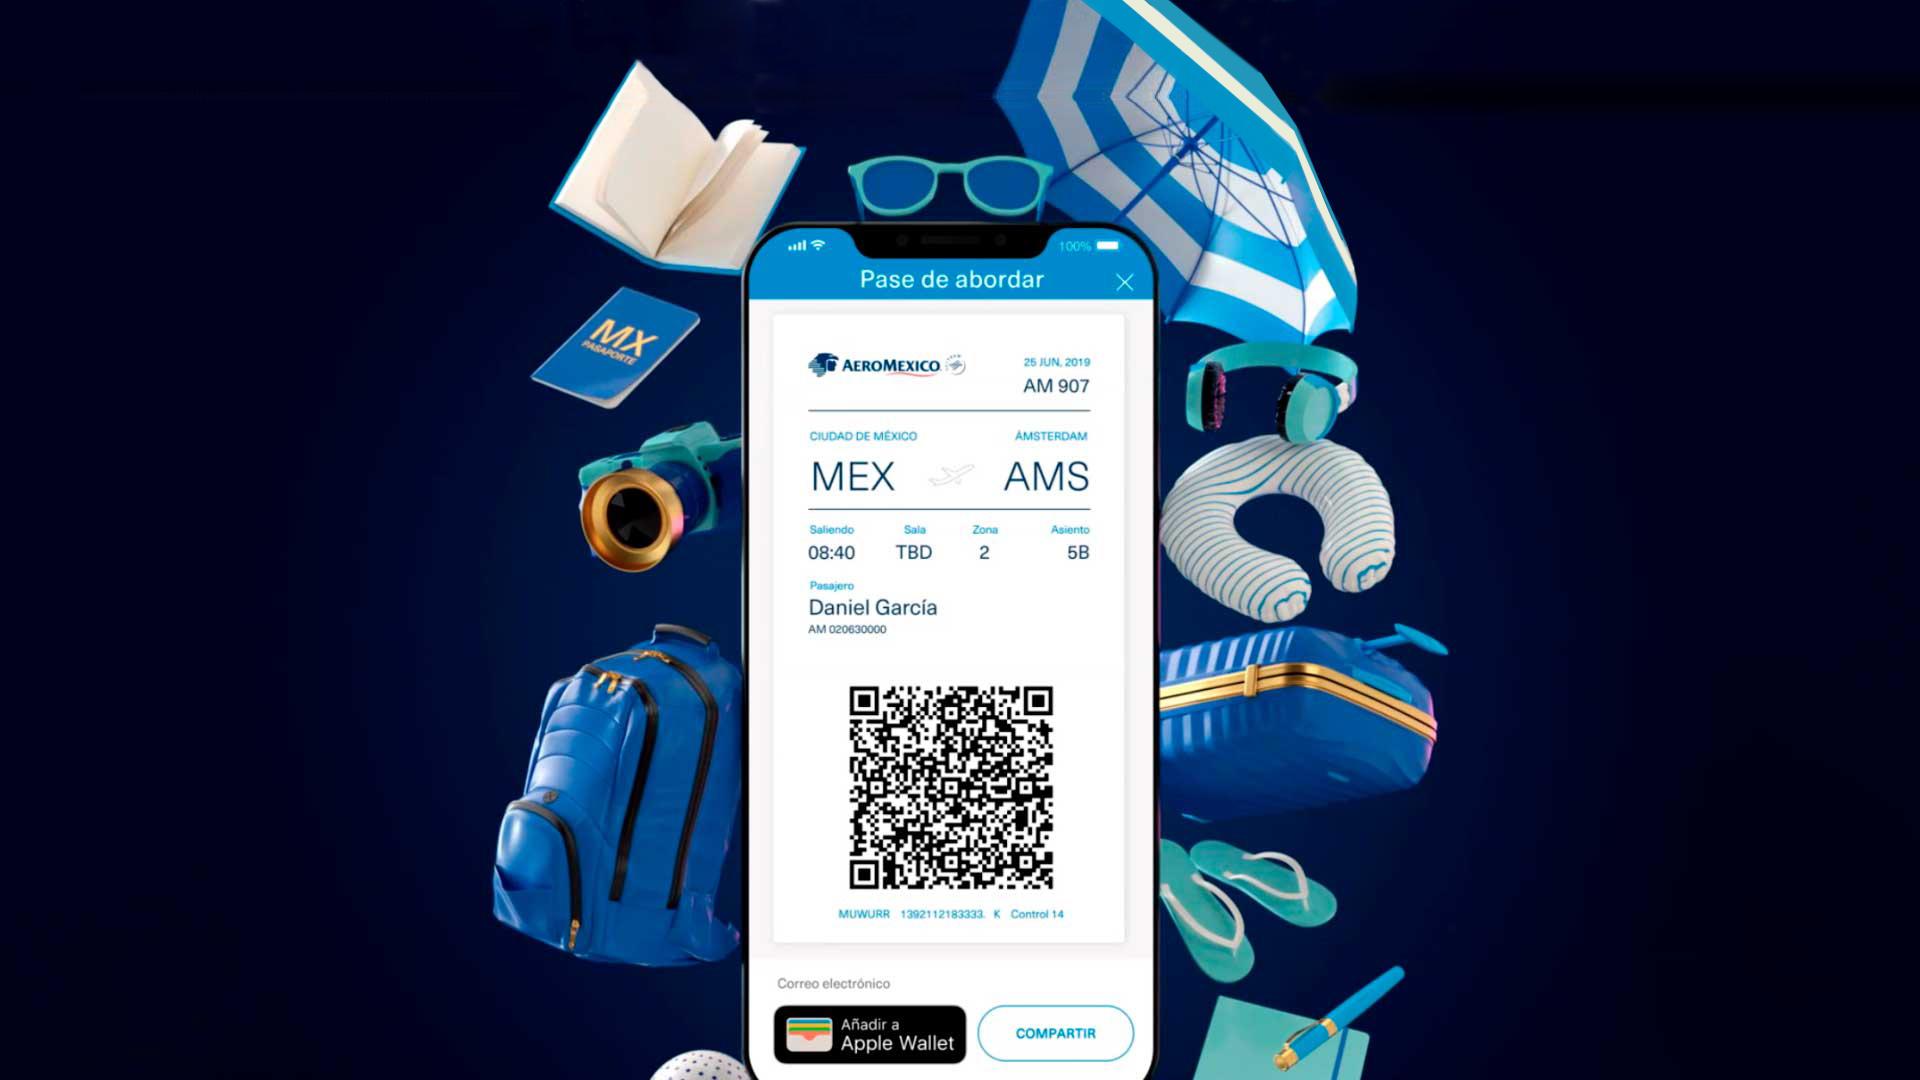 App móvil de Aeroméxico: tus vuelos al alcance de un clic